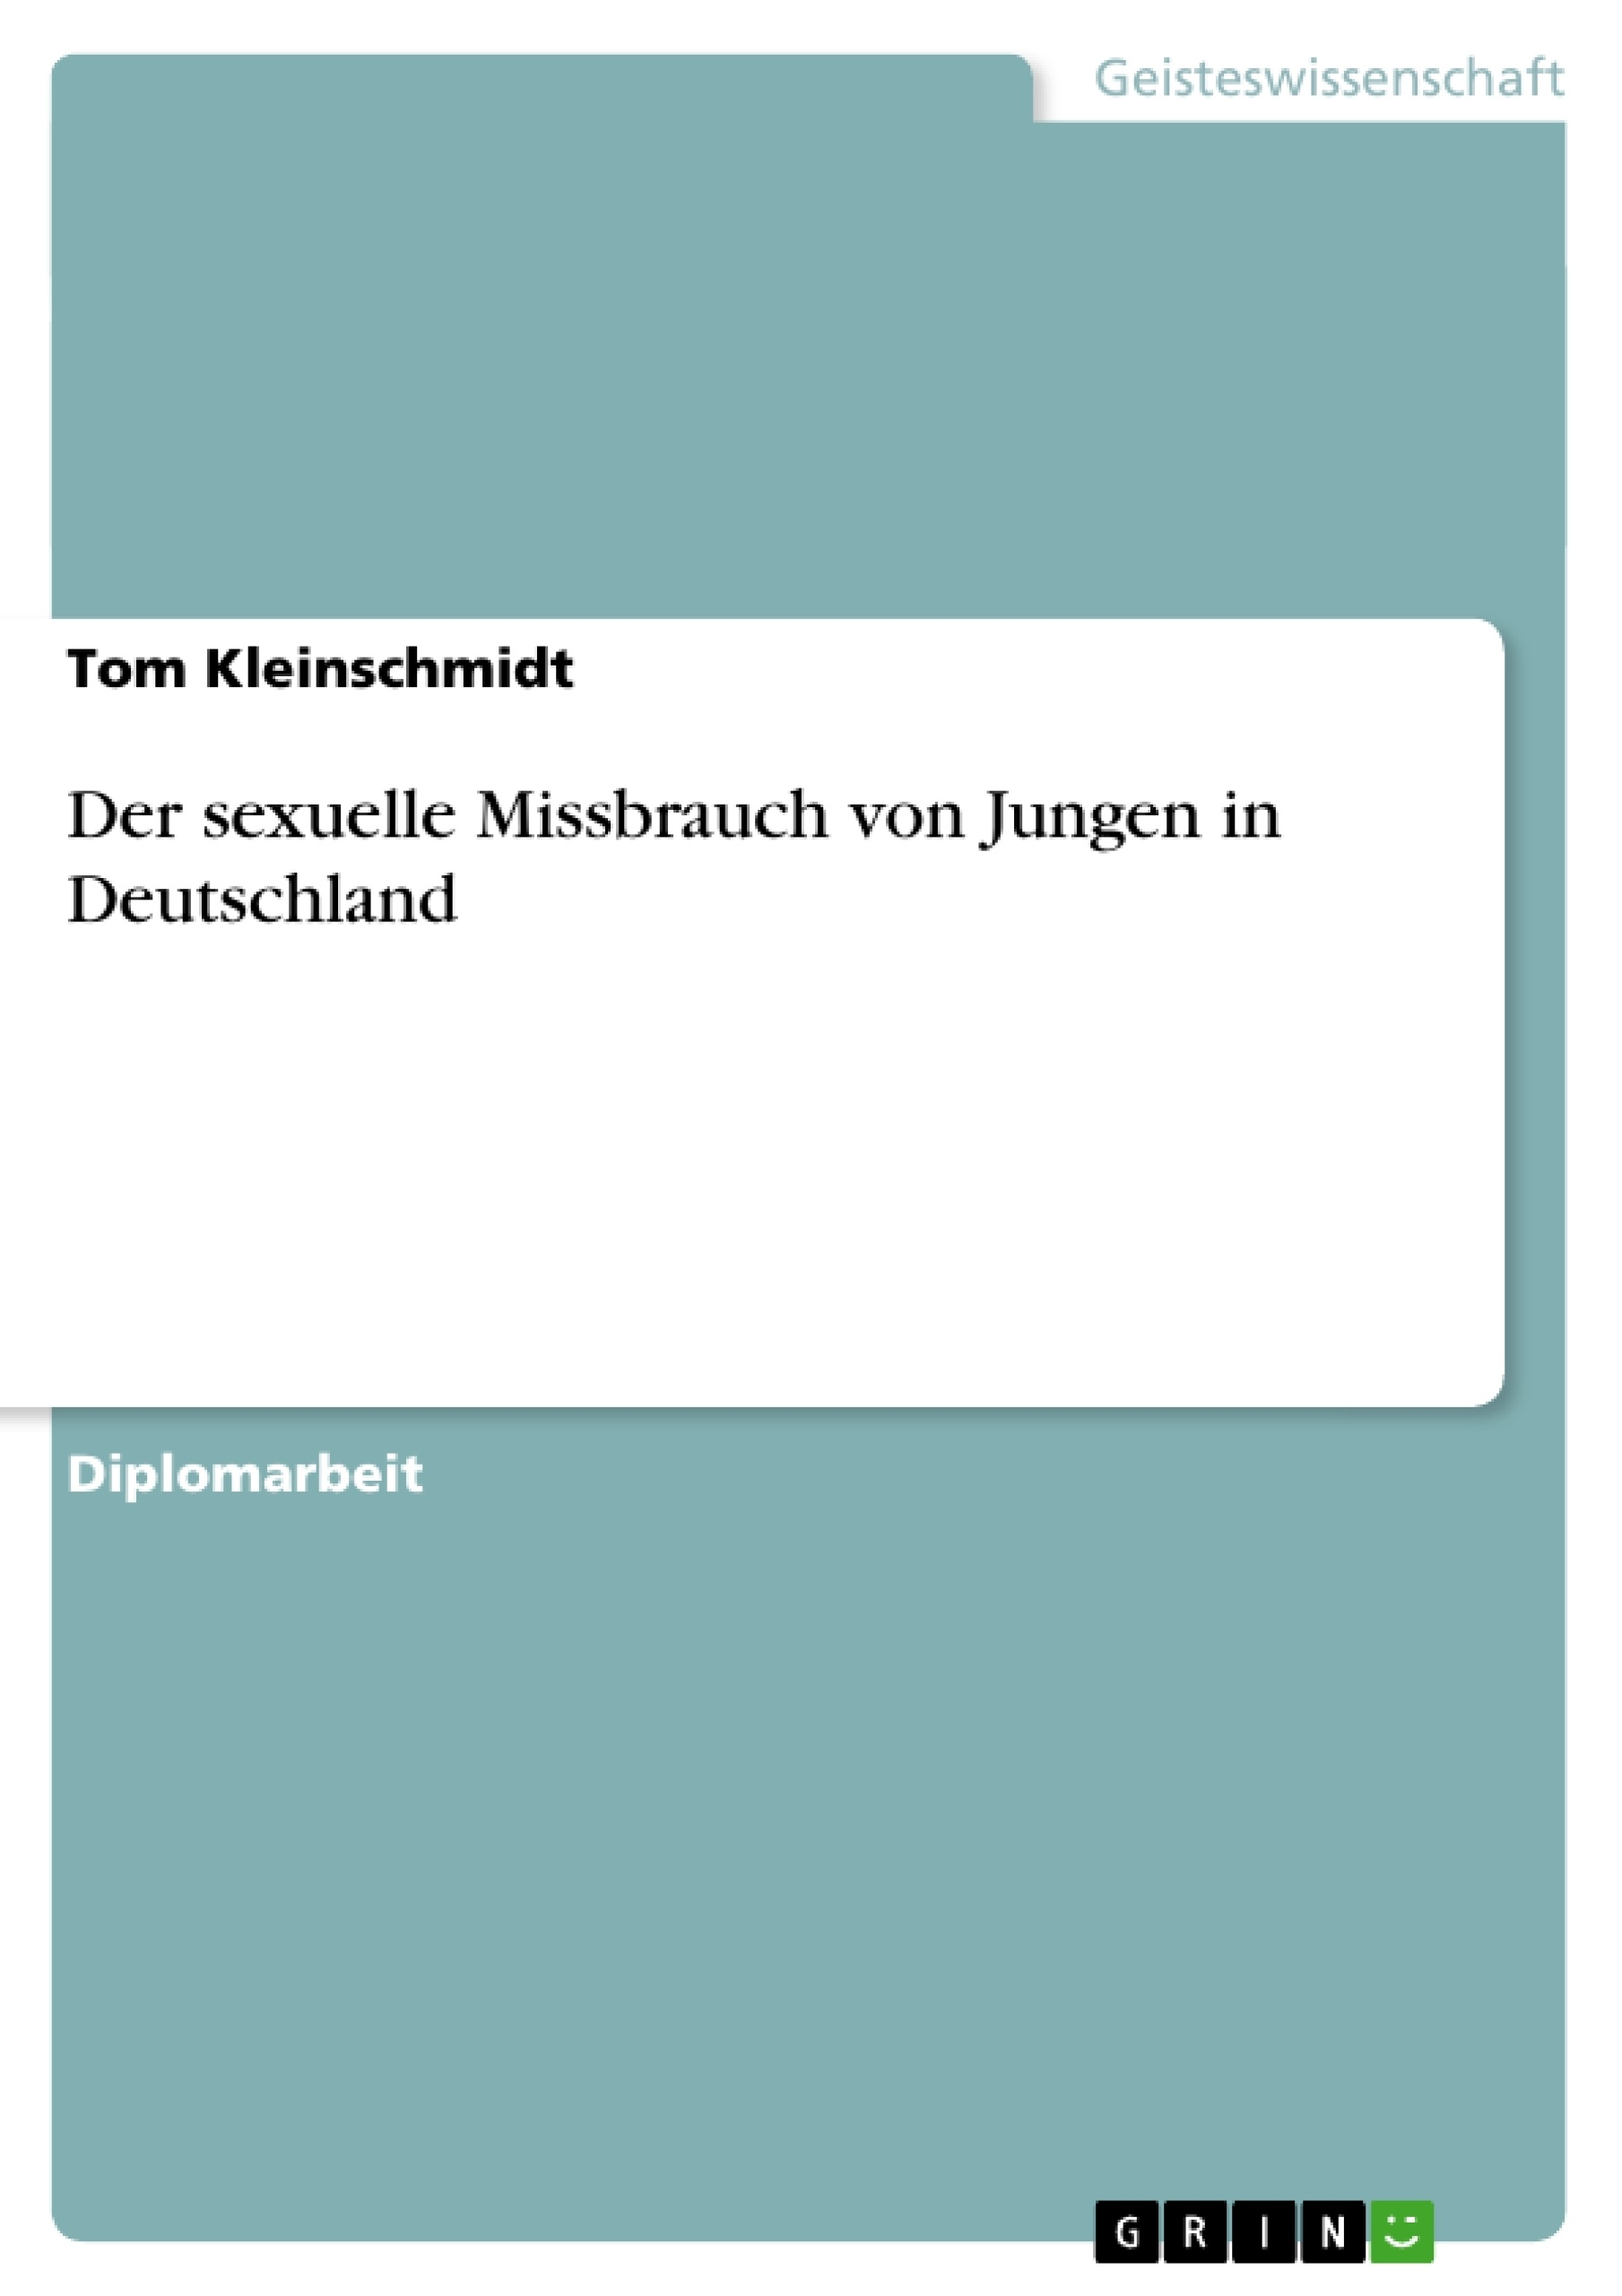 Titel: Der sexuelle Missbrauch von Jungen in Deutschland